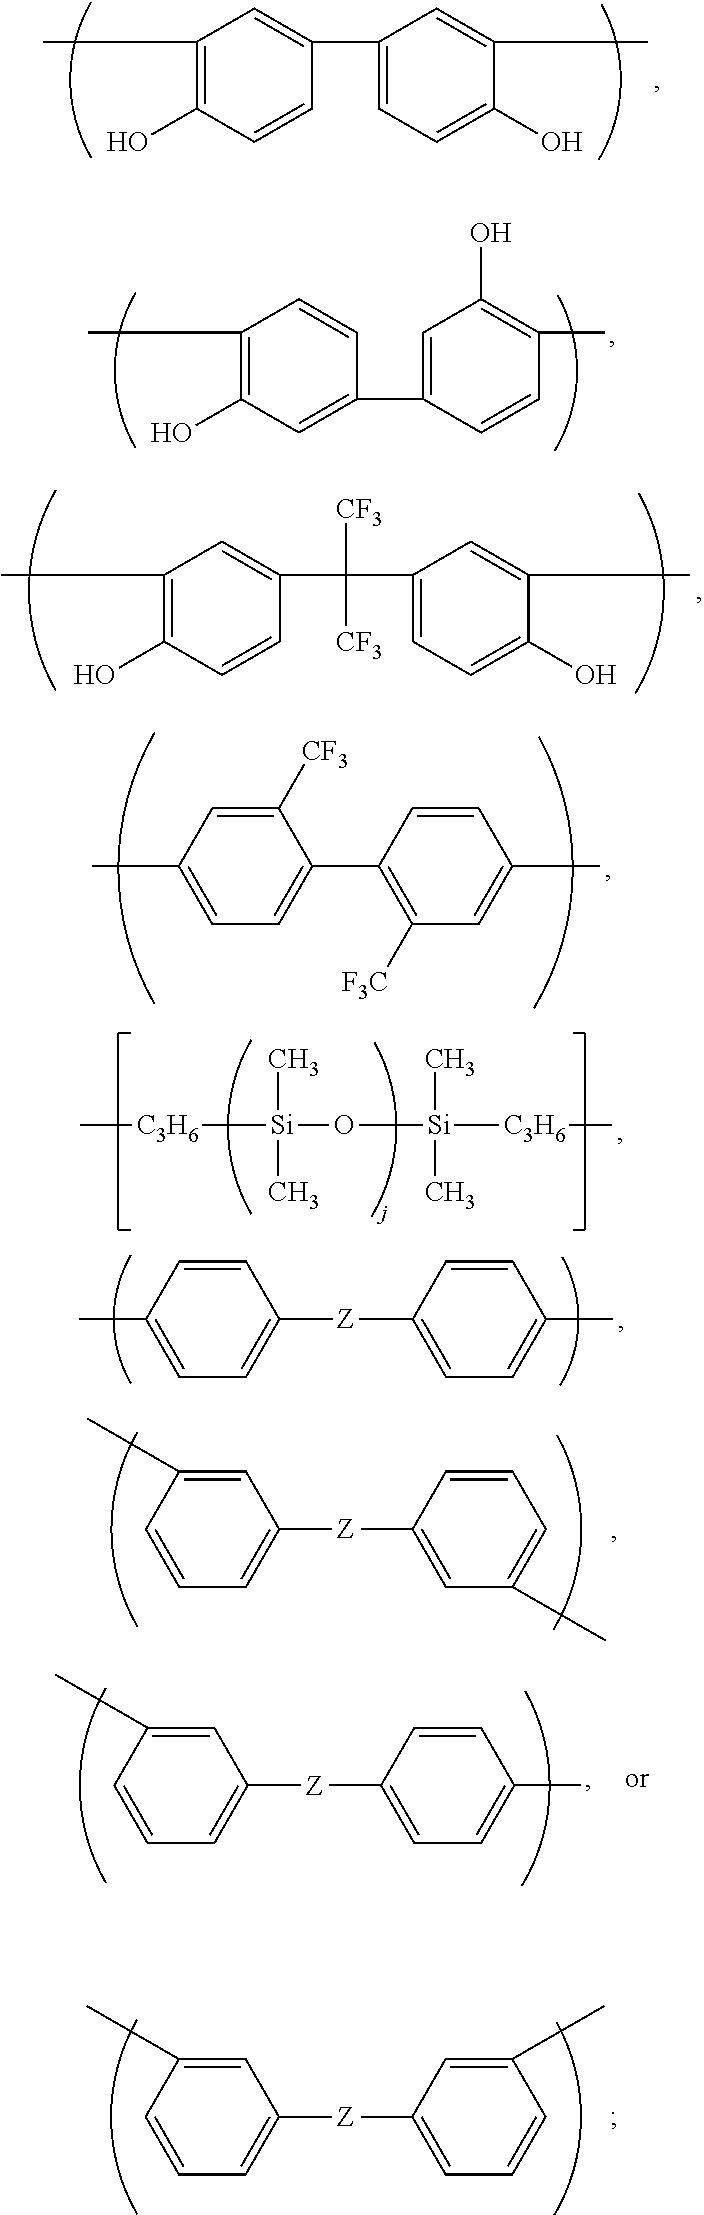 Figure US09477148-20161025-C00003